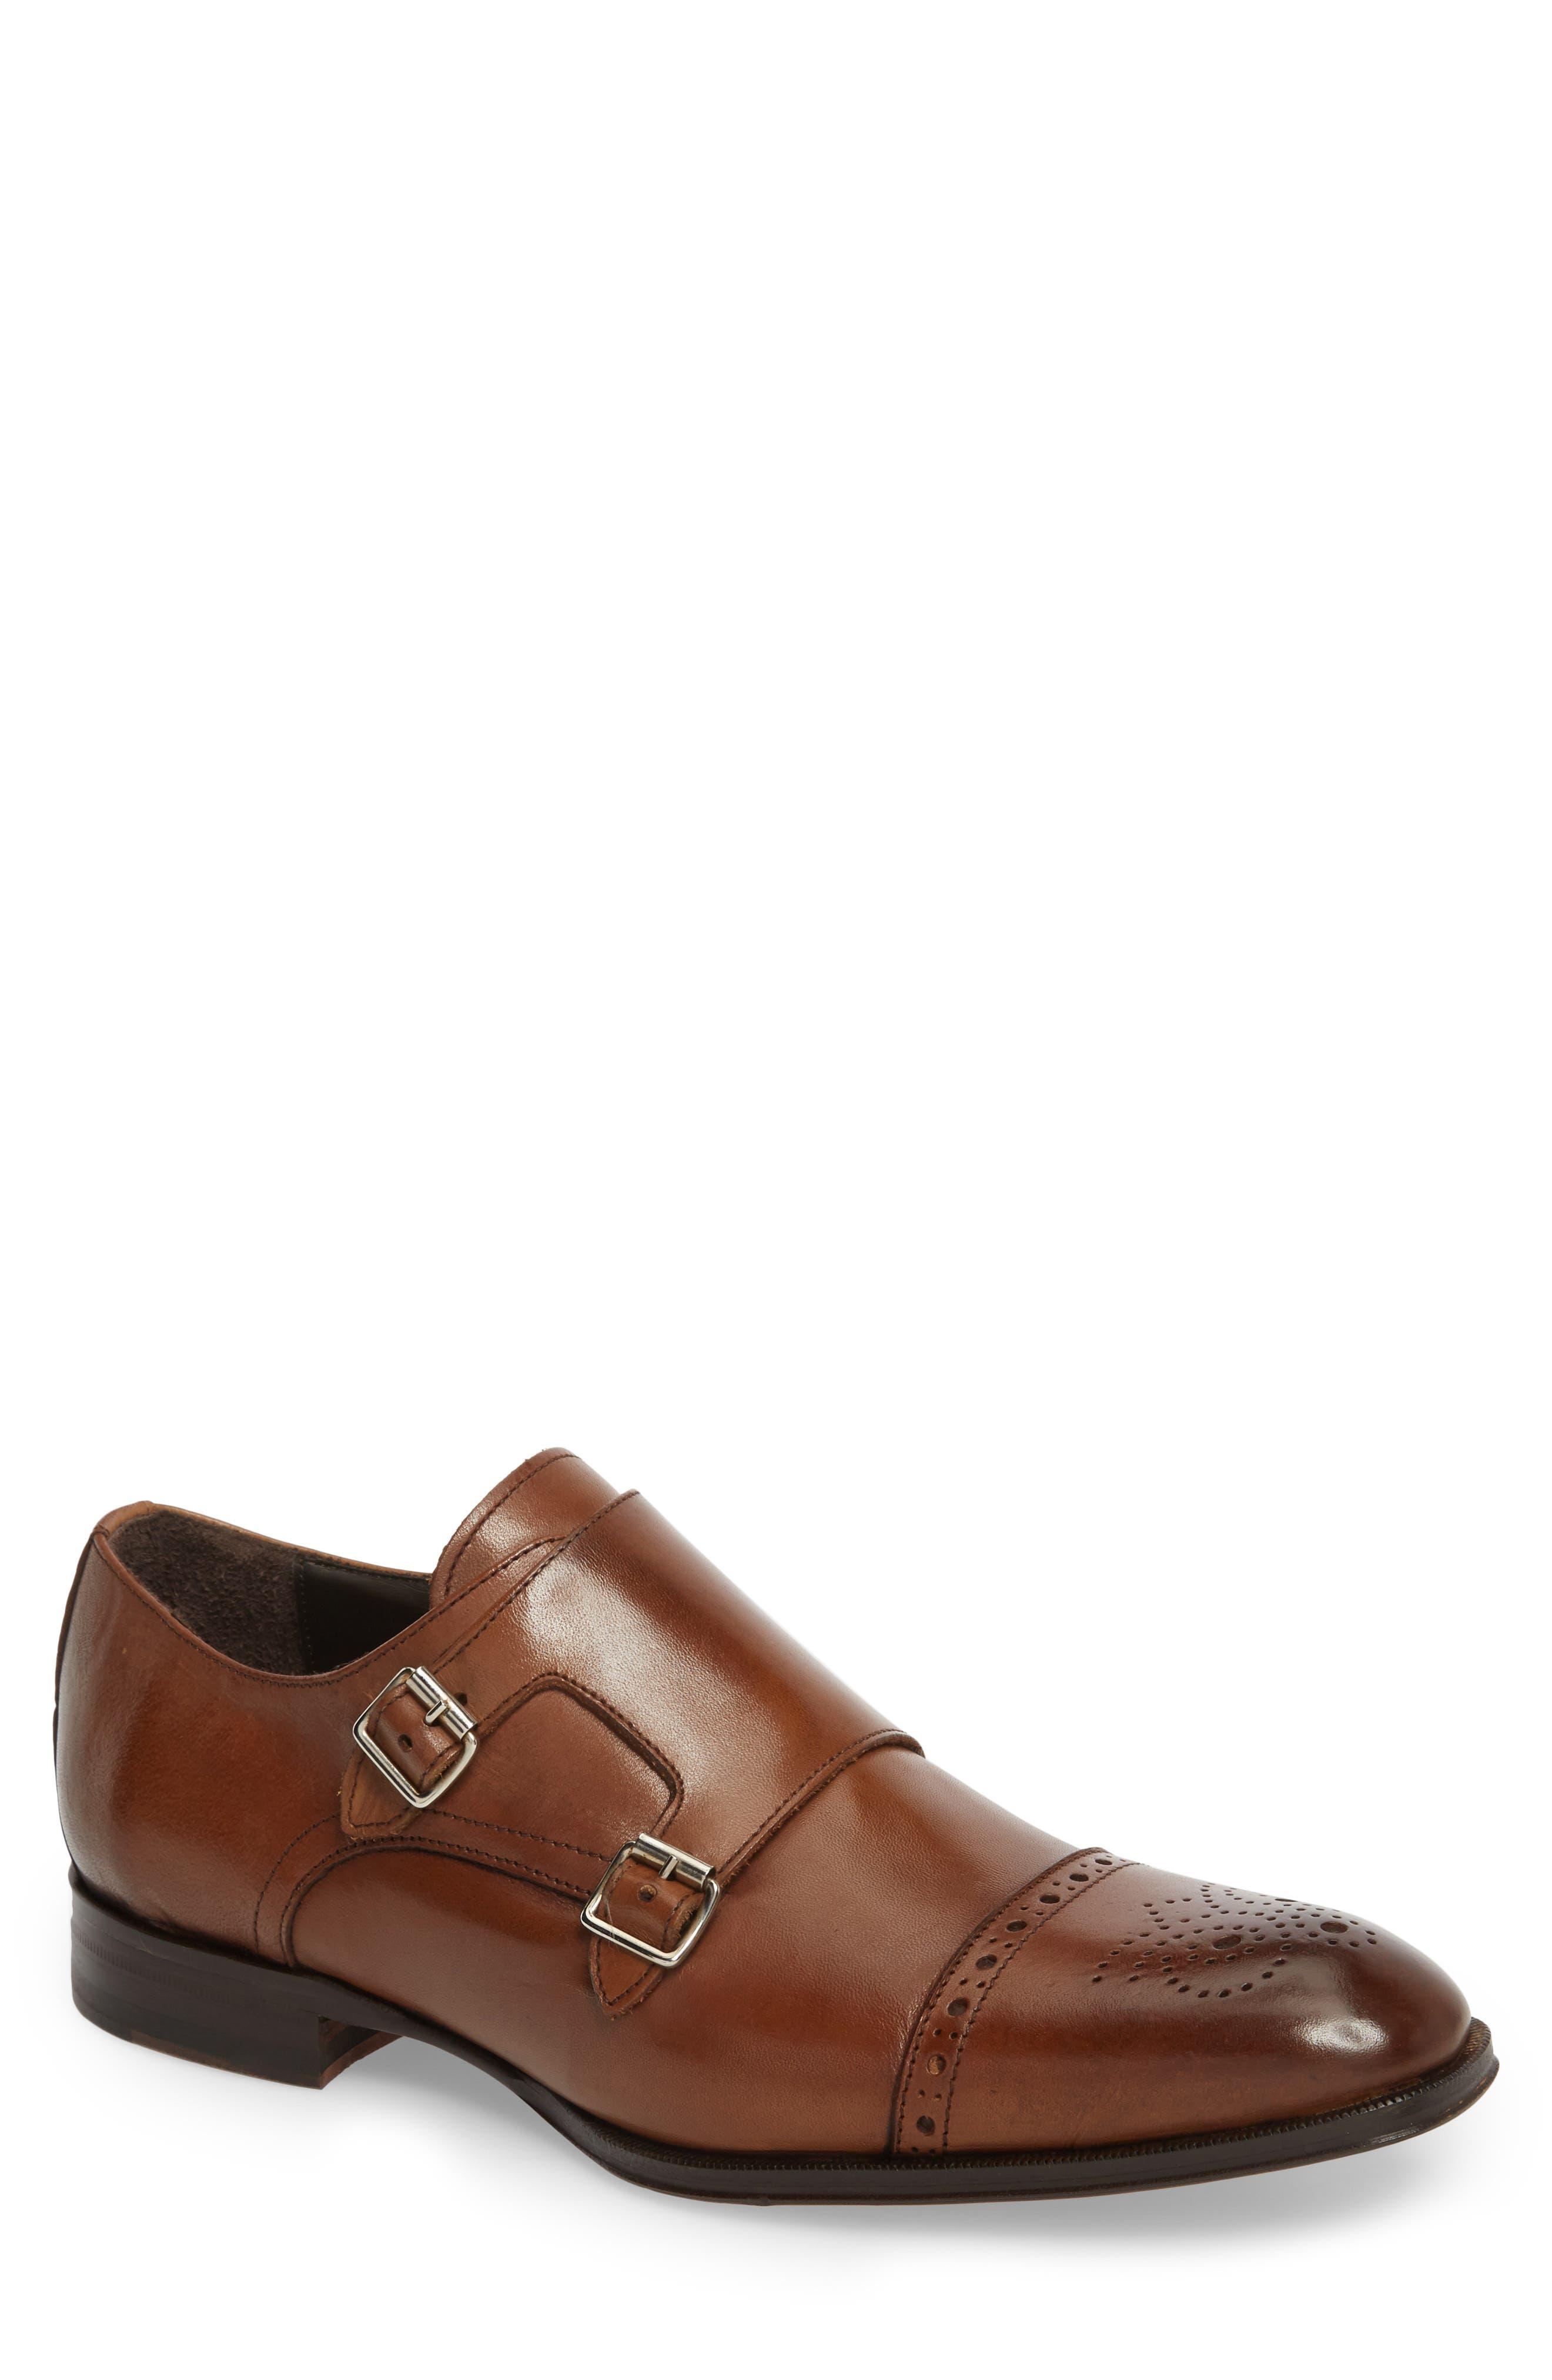 Dreyfus Cap Toe Monk Shoe,                         Main,                         color, Brown